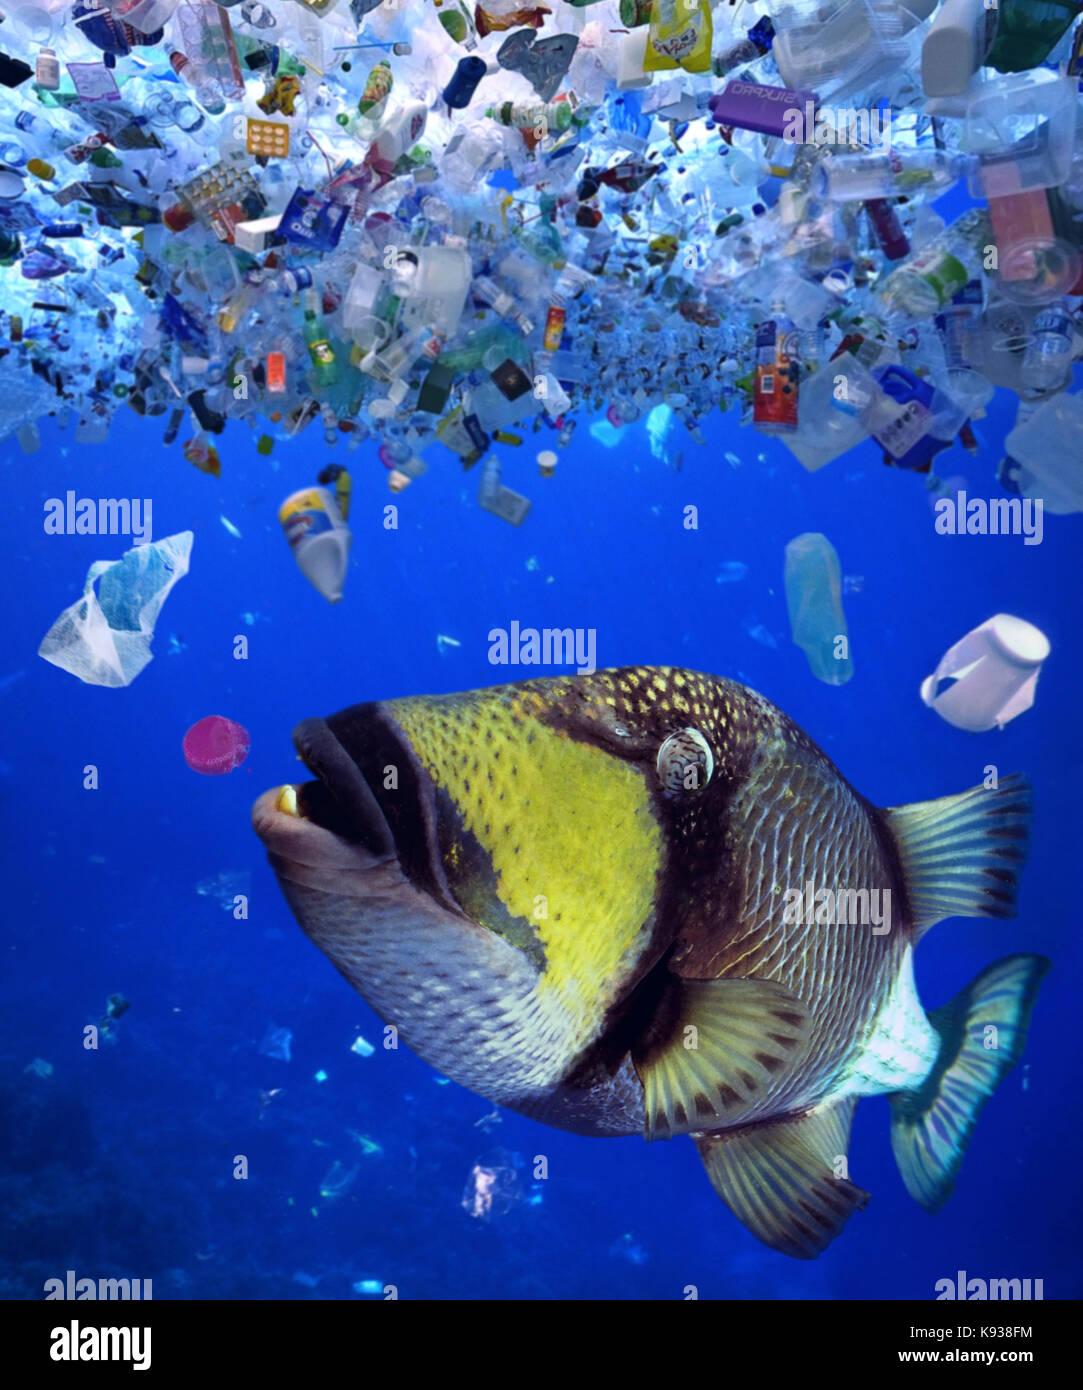 Comer una tapa de botella de plástico. Una gran cantidad de animales  marinos ingieren basura plástica porque creen que es comestible 3663e48068c2